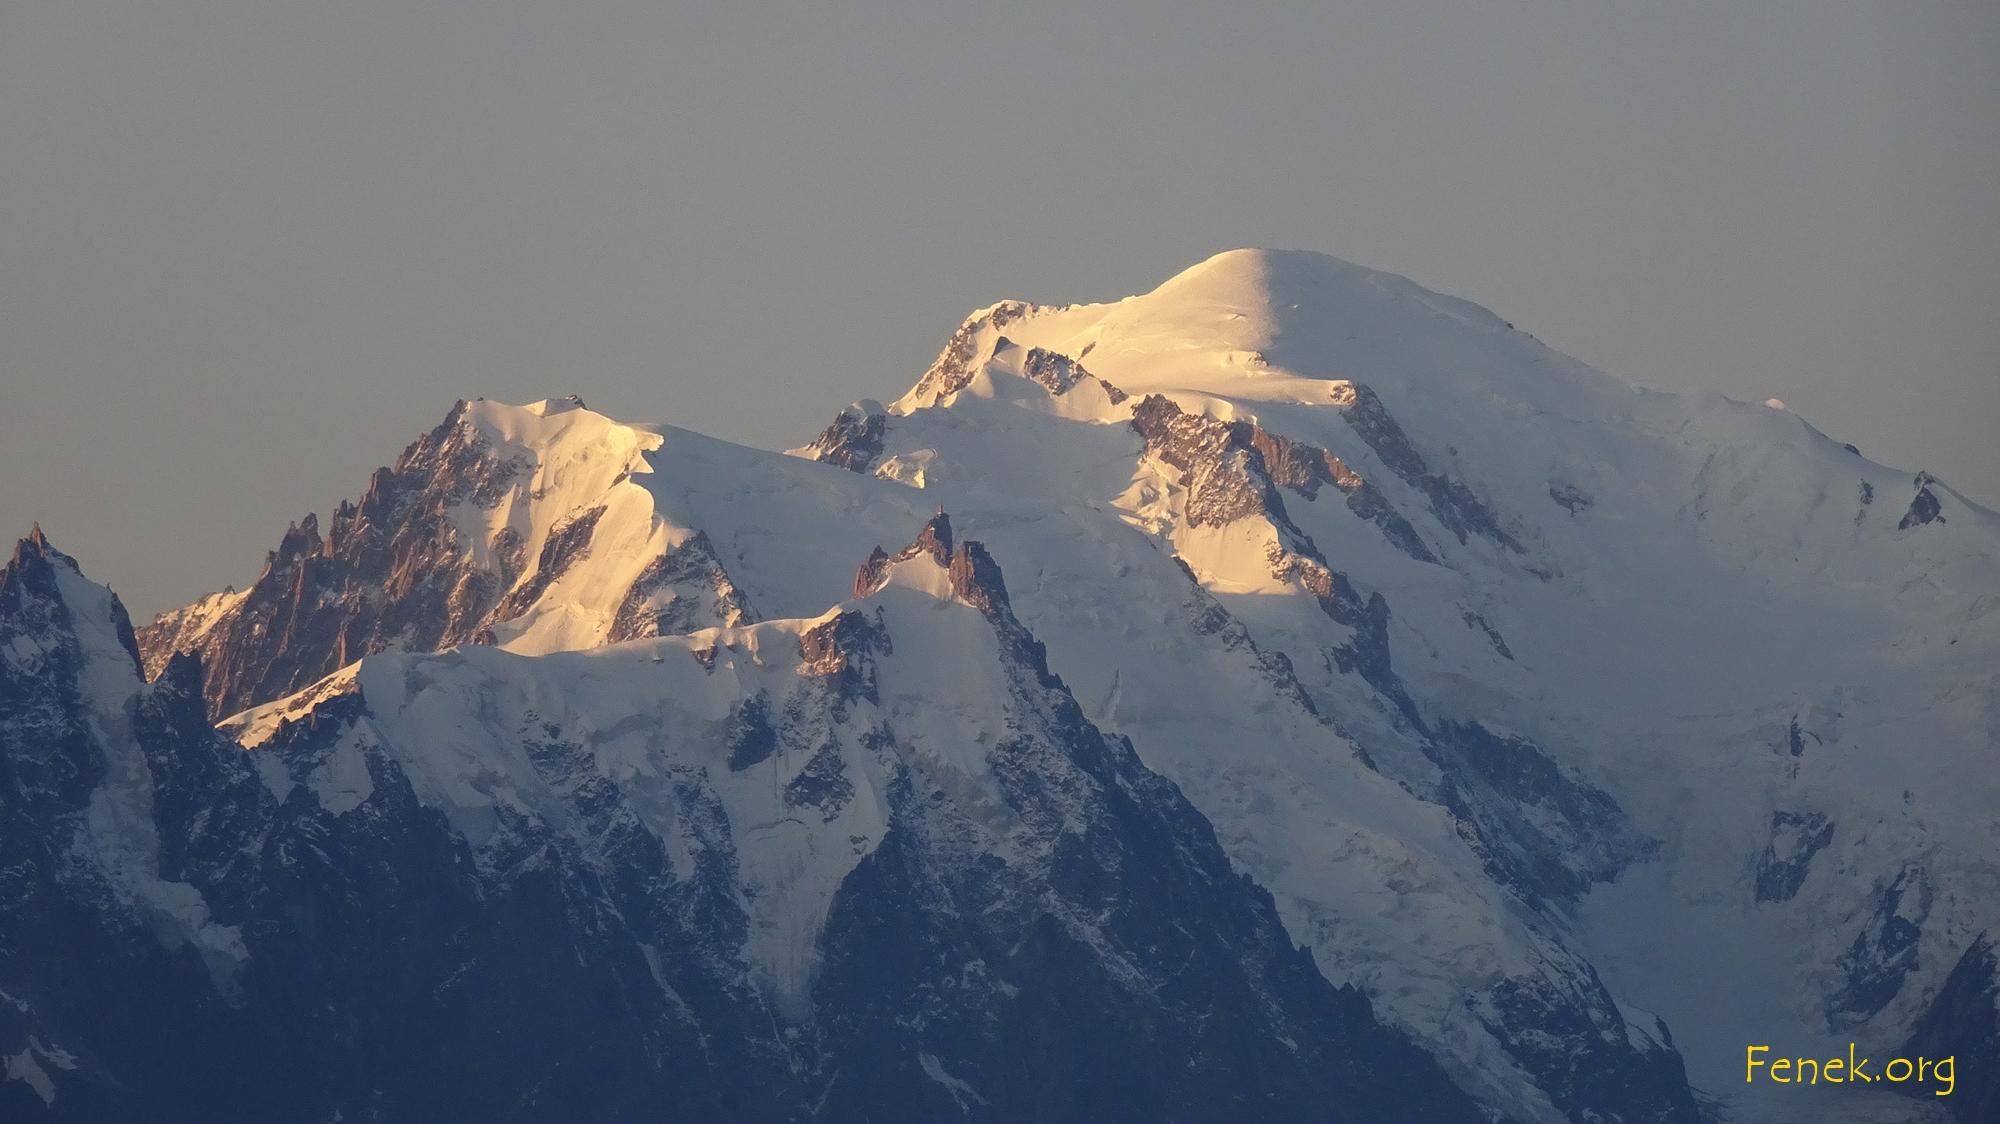 Aiguille du Midi - Mont Blanc du Tacul - Mont Maudit - Mont Blanc - 2008 mit Ski gemacht :-)